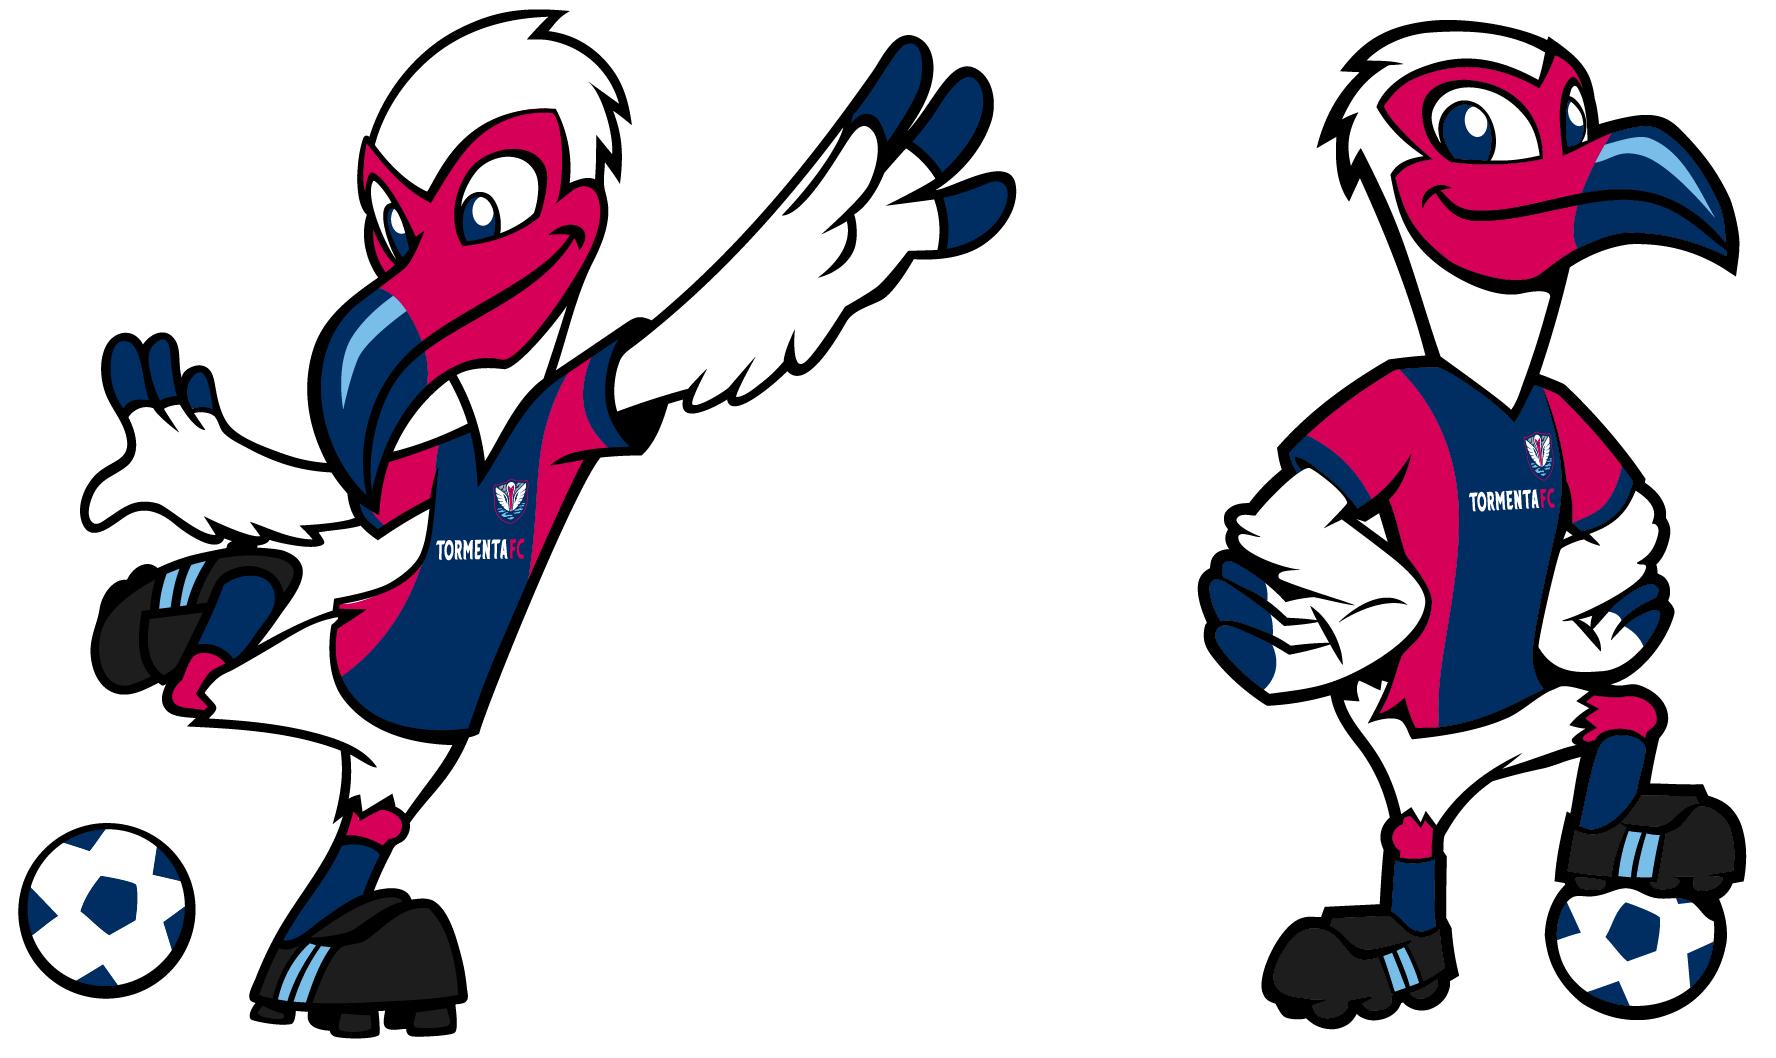 TormentaFC-2-Identity_Mascot-2.png